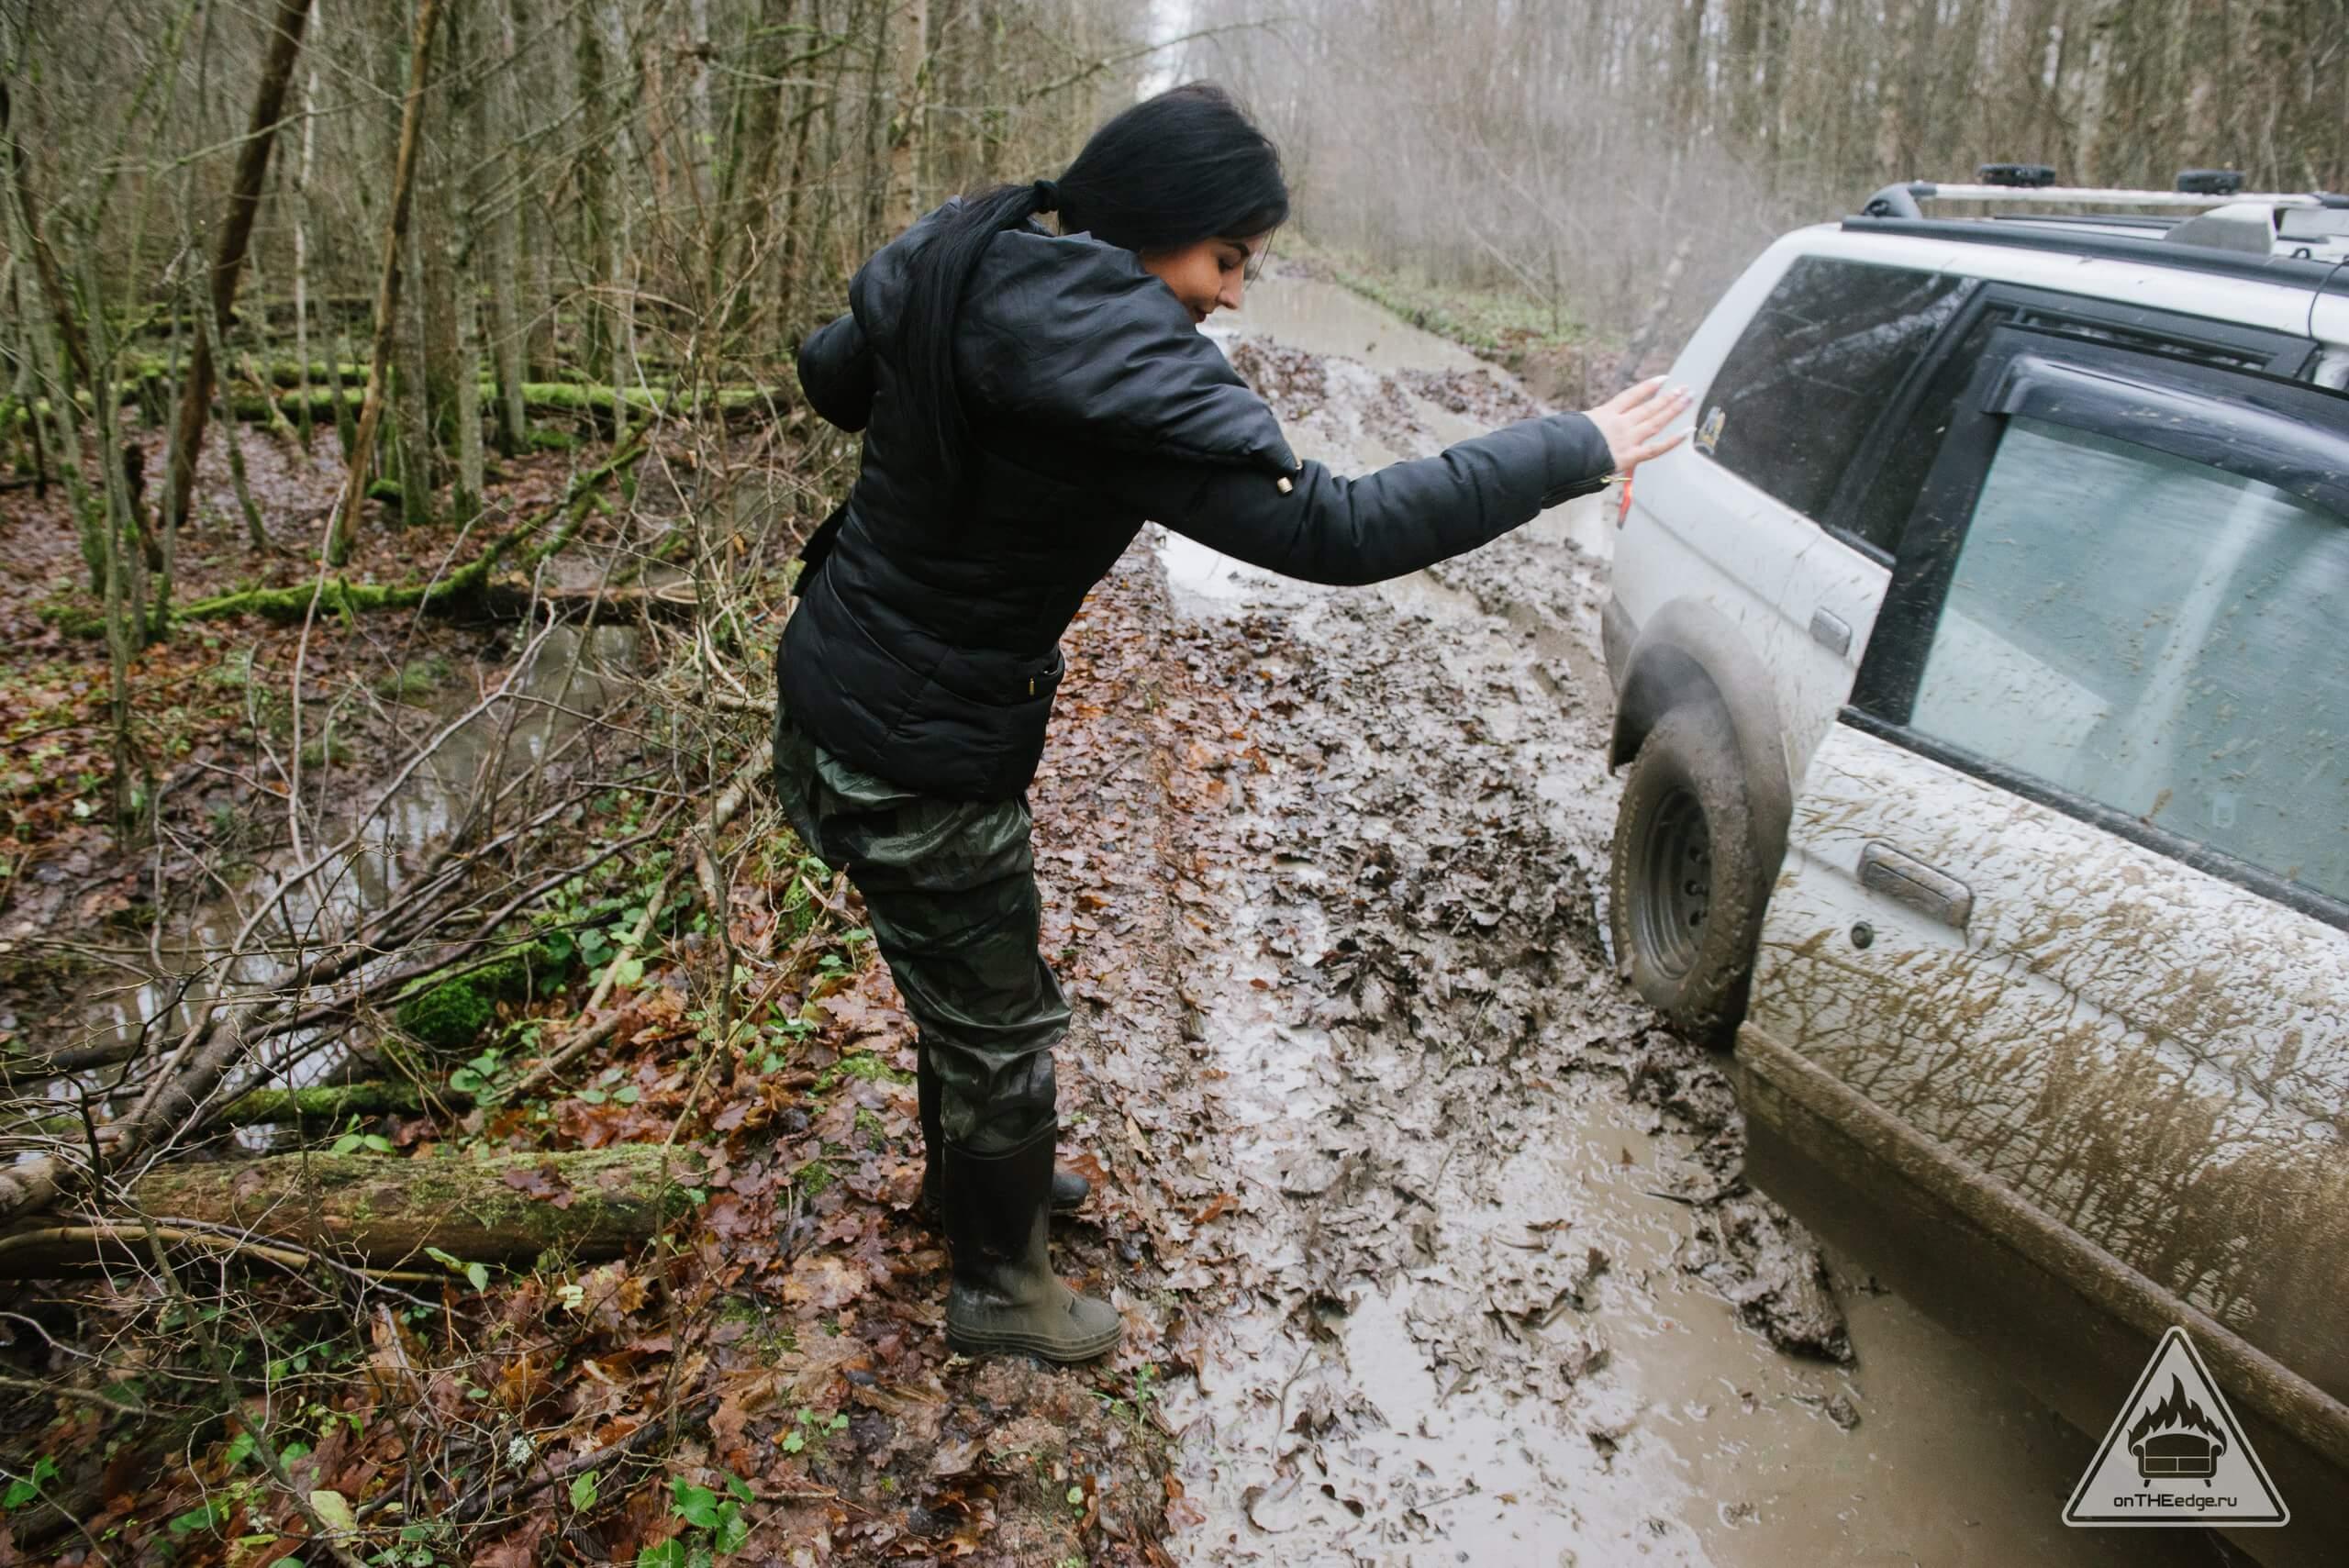 залезть в грязь и спастись